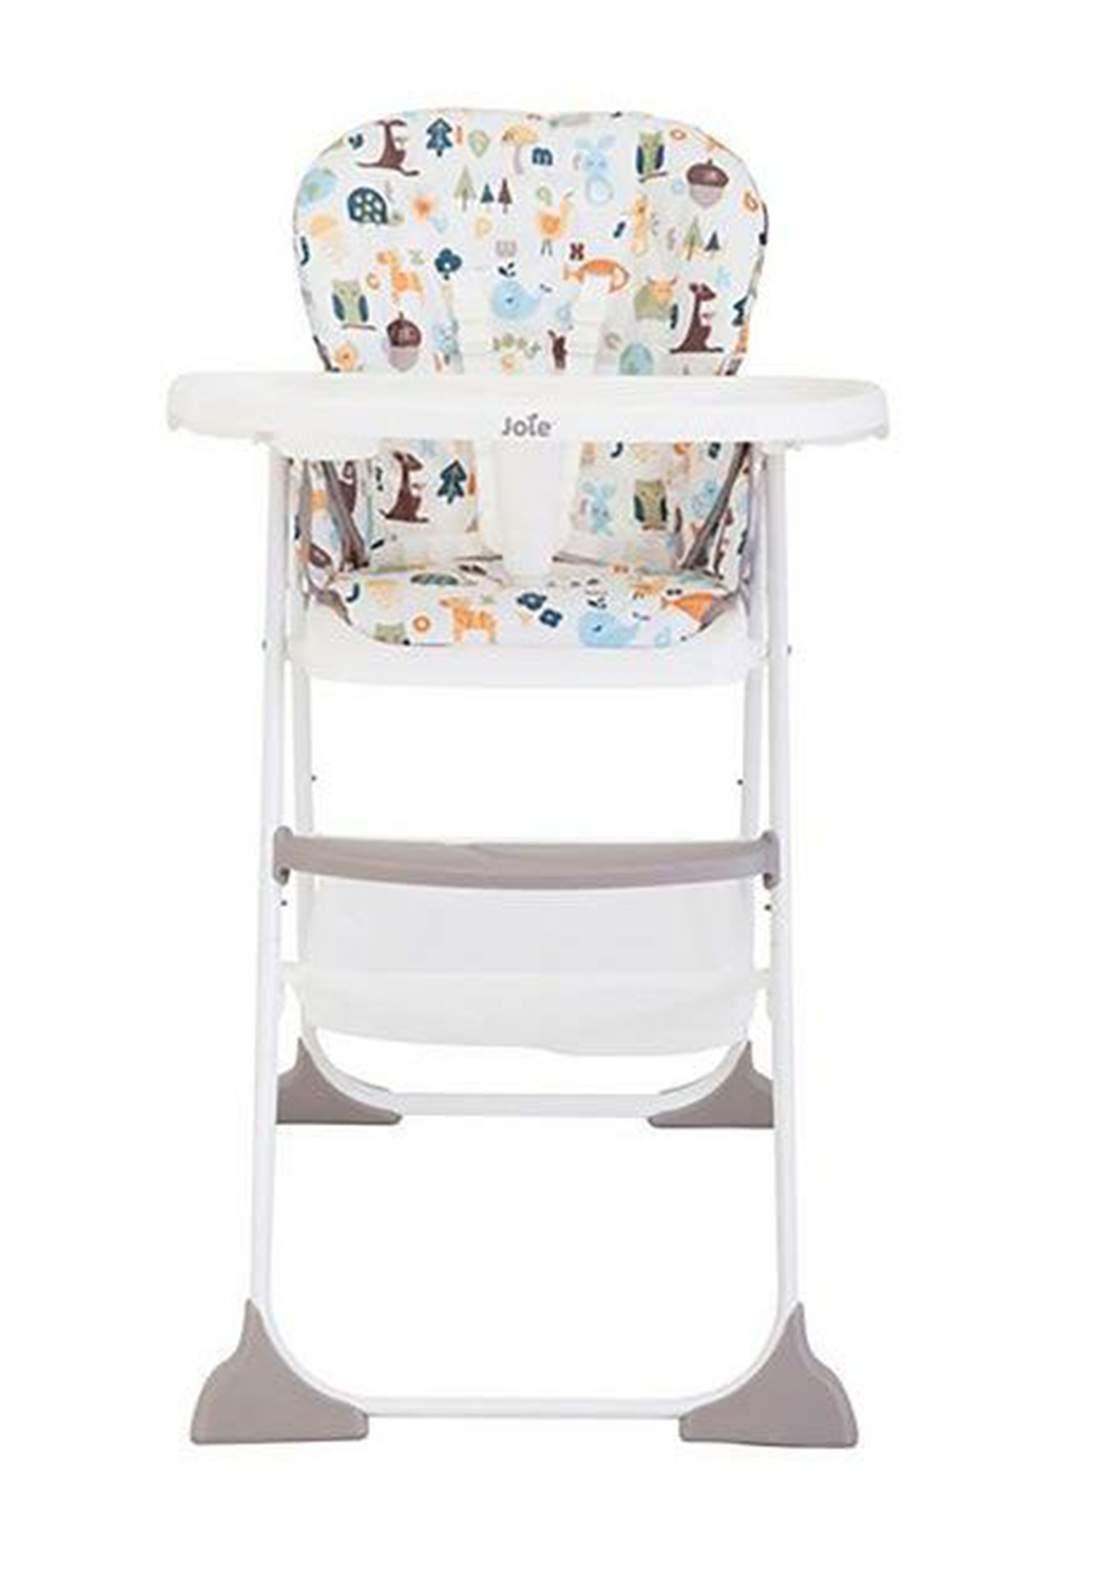 كرسي طعام للاطفال Joie Baby H1127AAABC000 Mimzy Snacker High Chair Alphabet